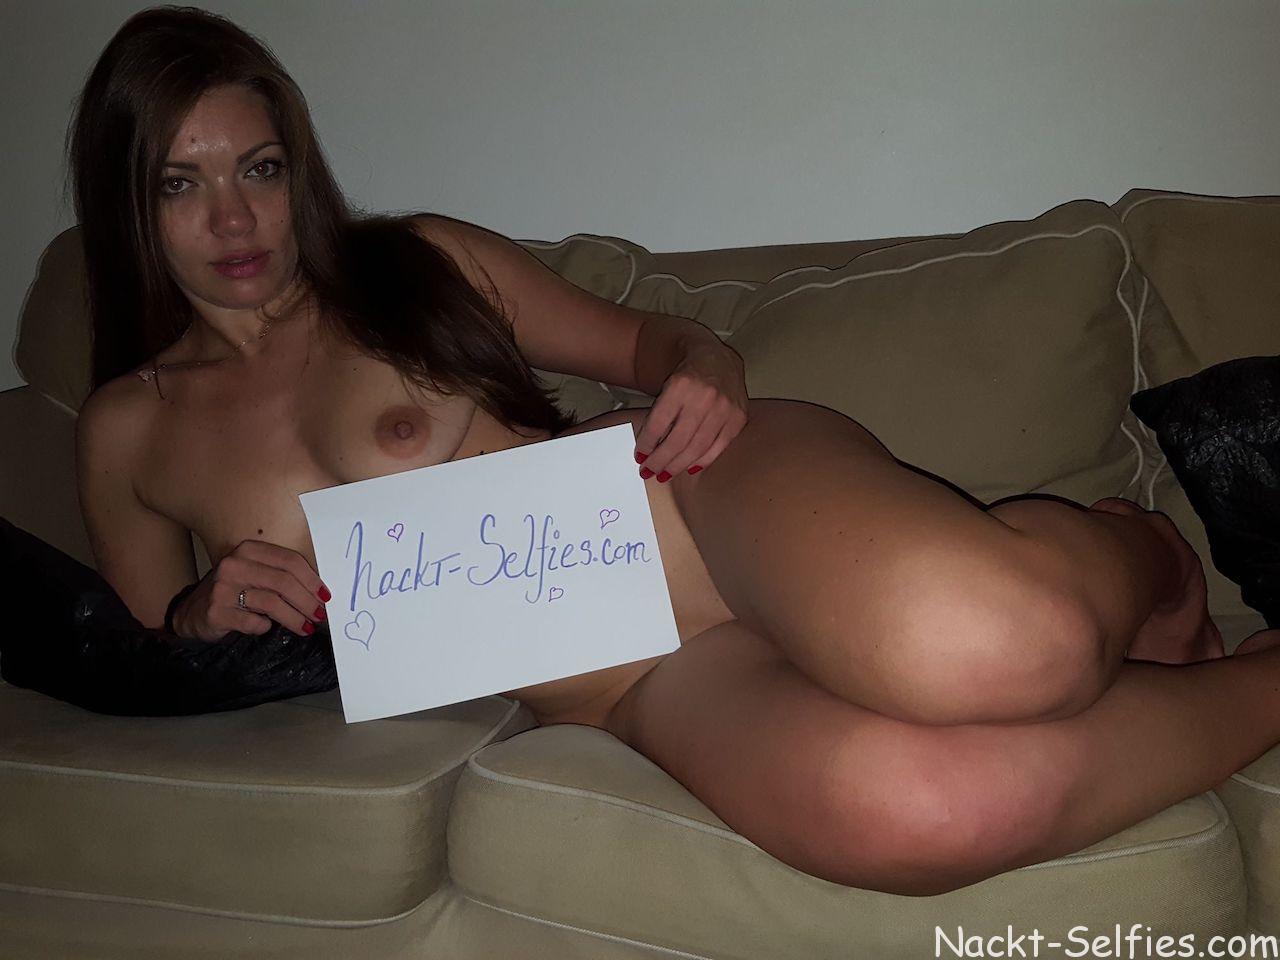 Nacktefotos Nacktfotos privat